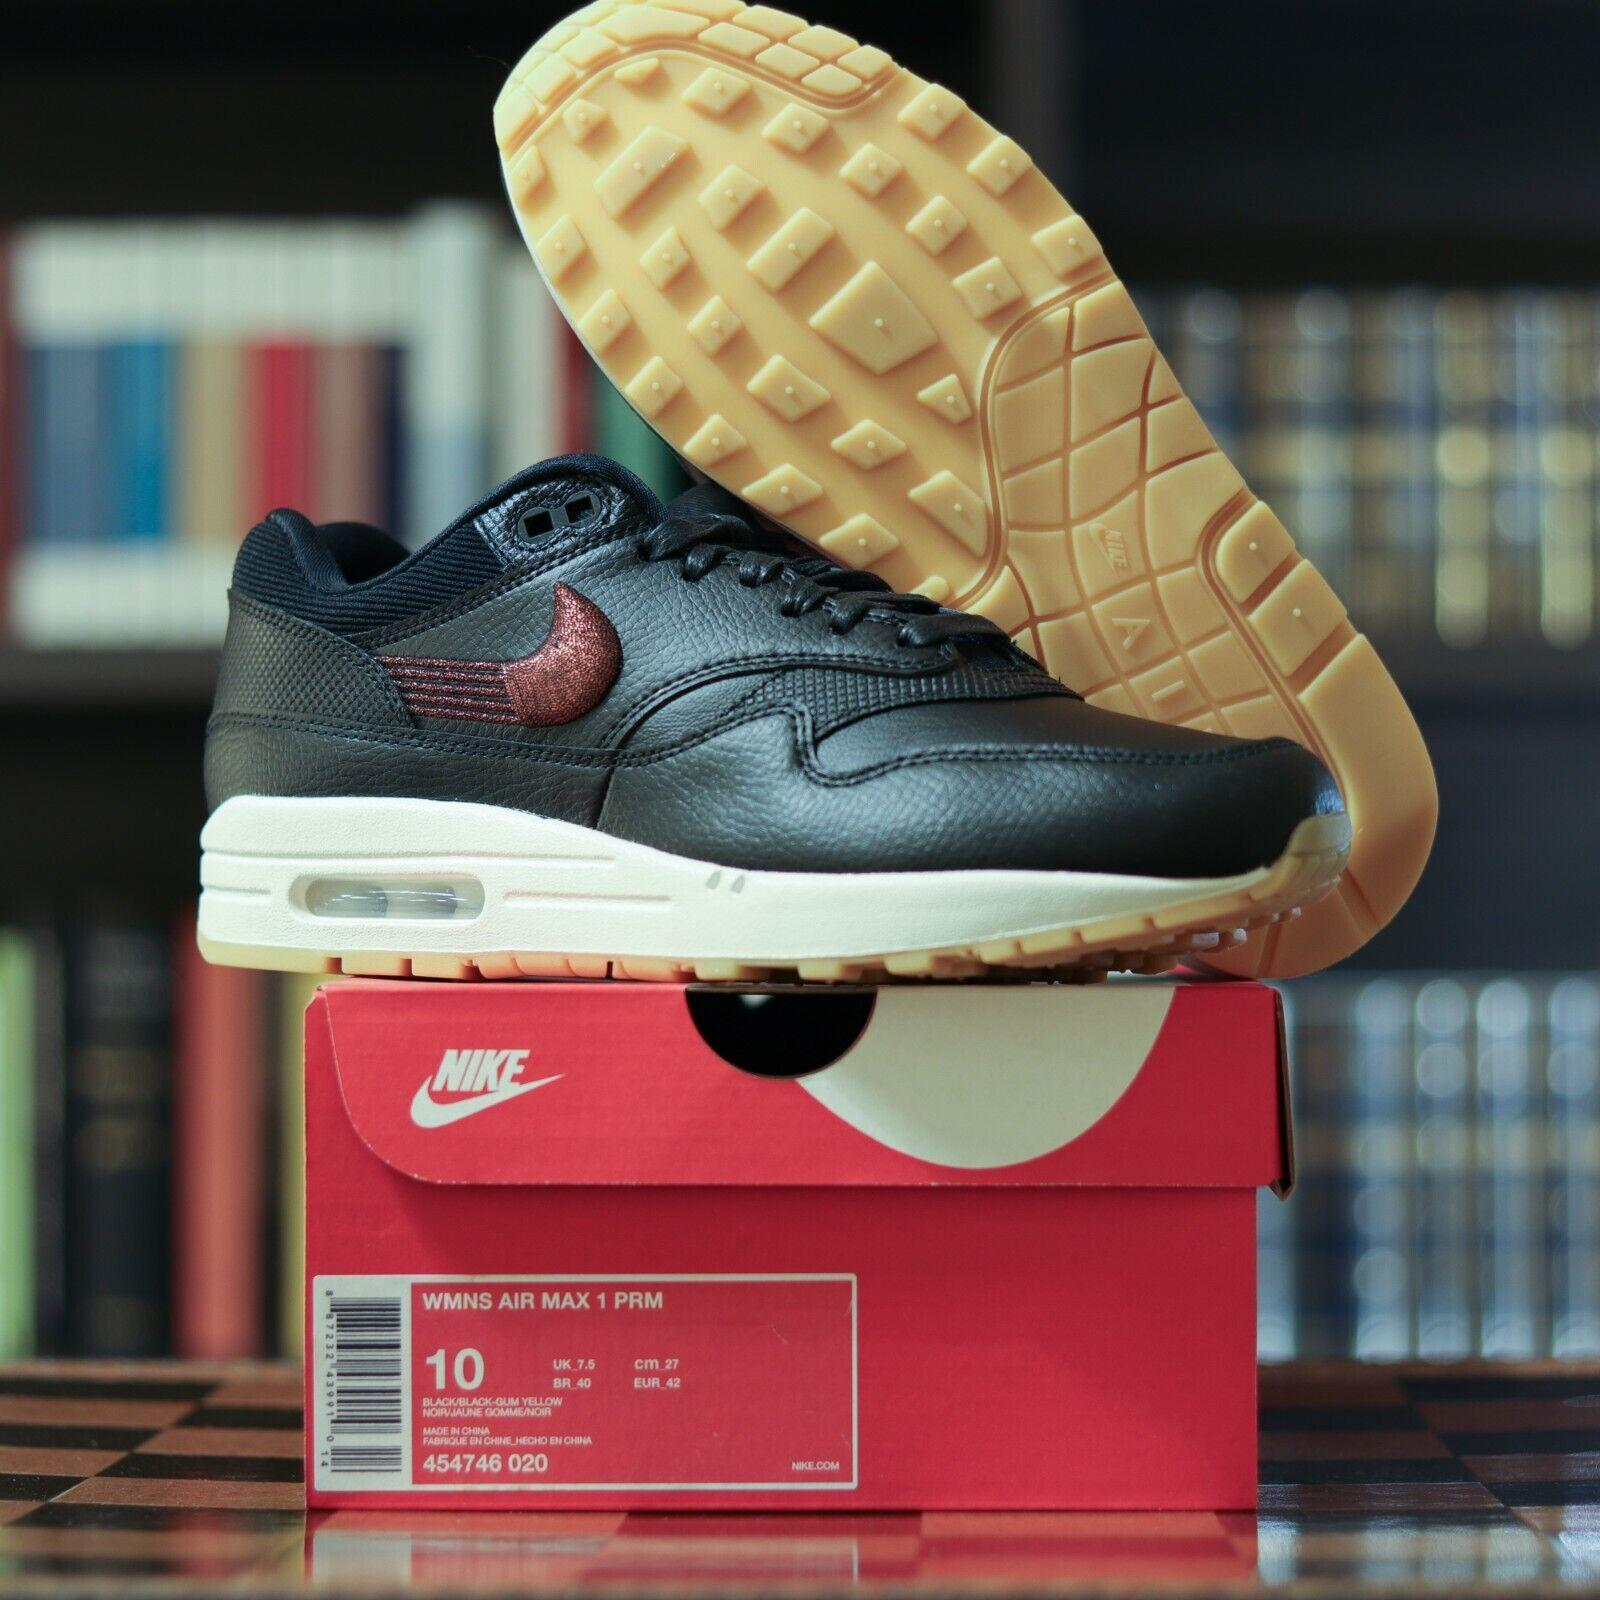 Nike Wmns Air Max 1 PREMIUM BLACK GUM EUR 42 UK 7.5 US 10 Cm